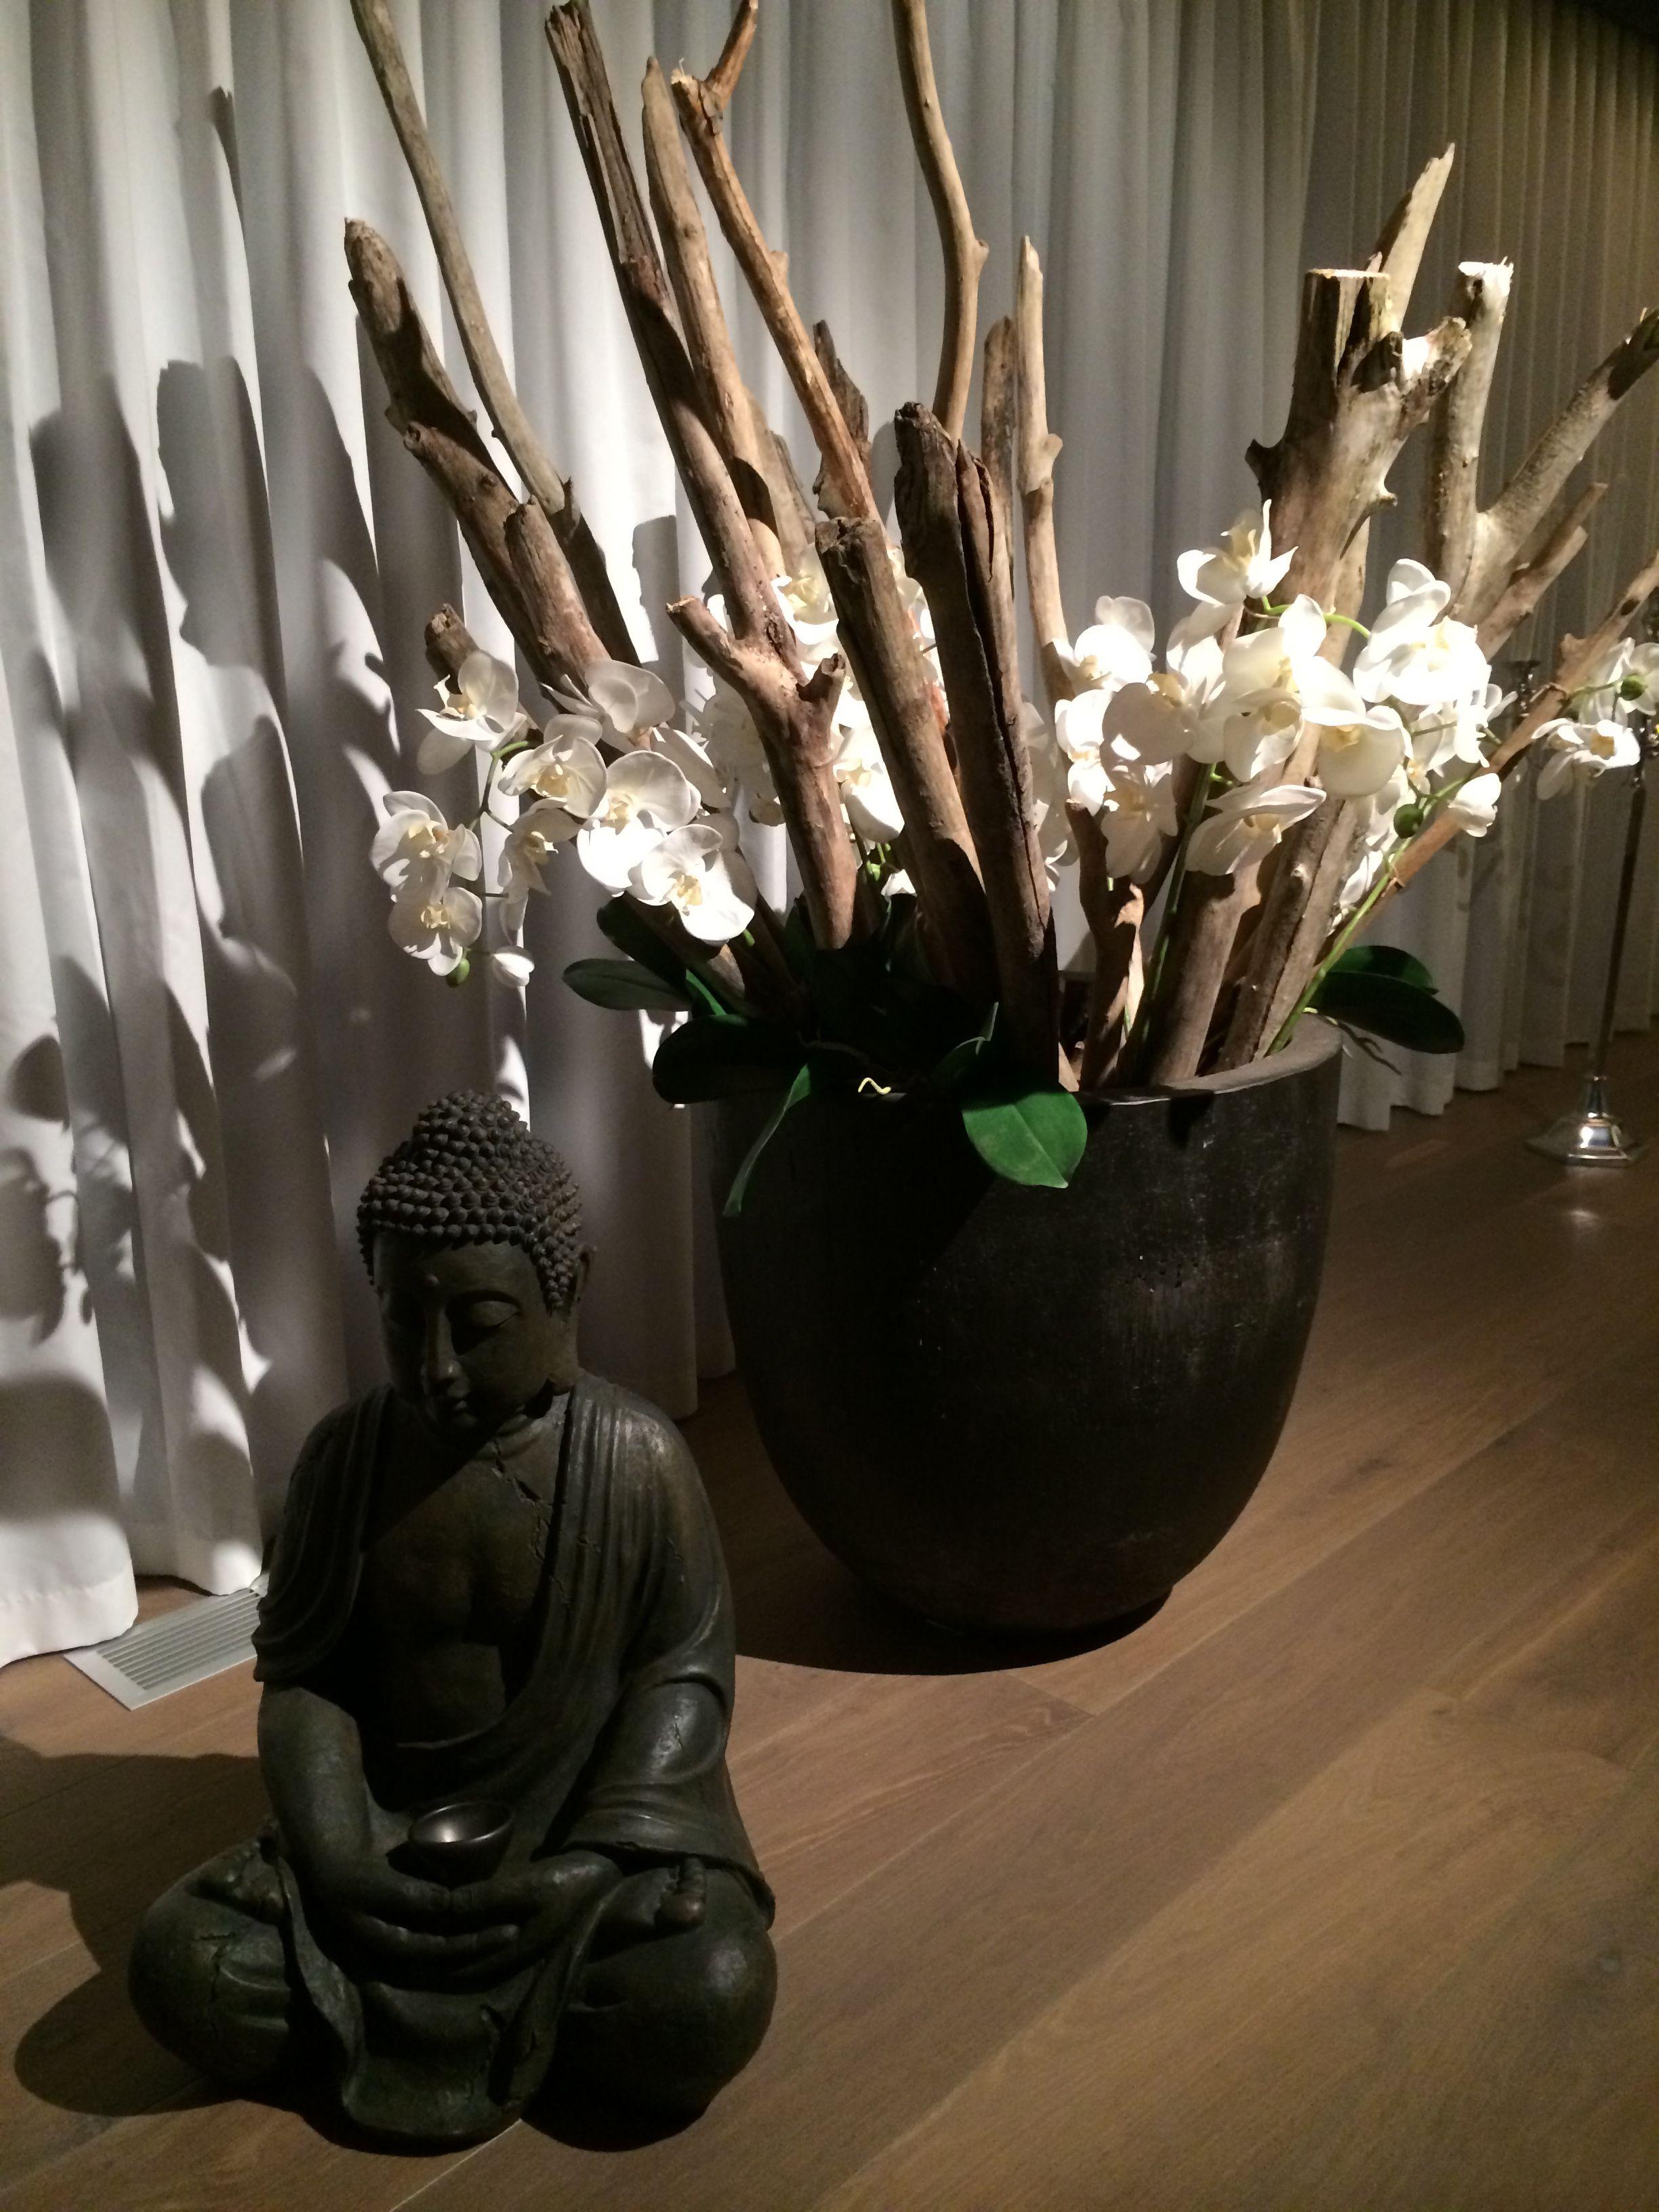 Gef ssf llung mit orchideen k nstliche und schwemmholz dekoration mit orchideen k nstliche - Dekoration mit orchideen ...